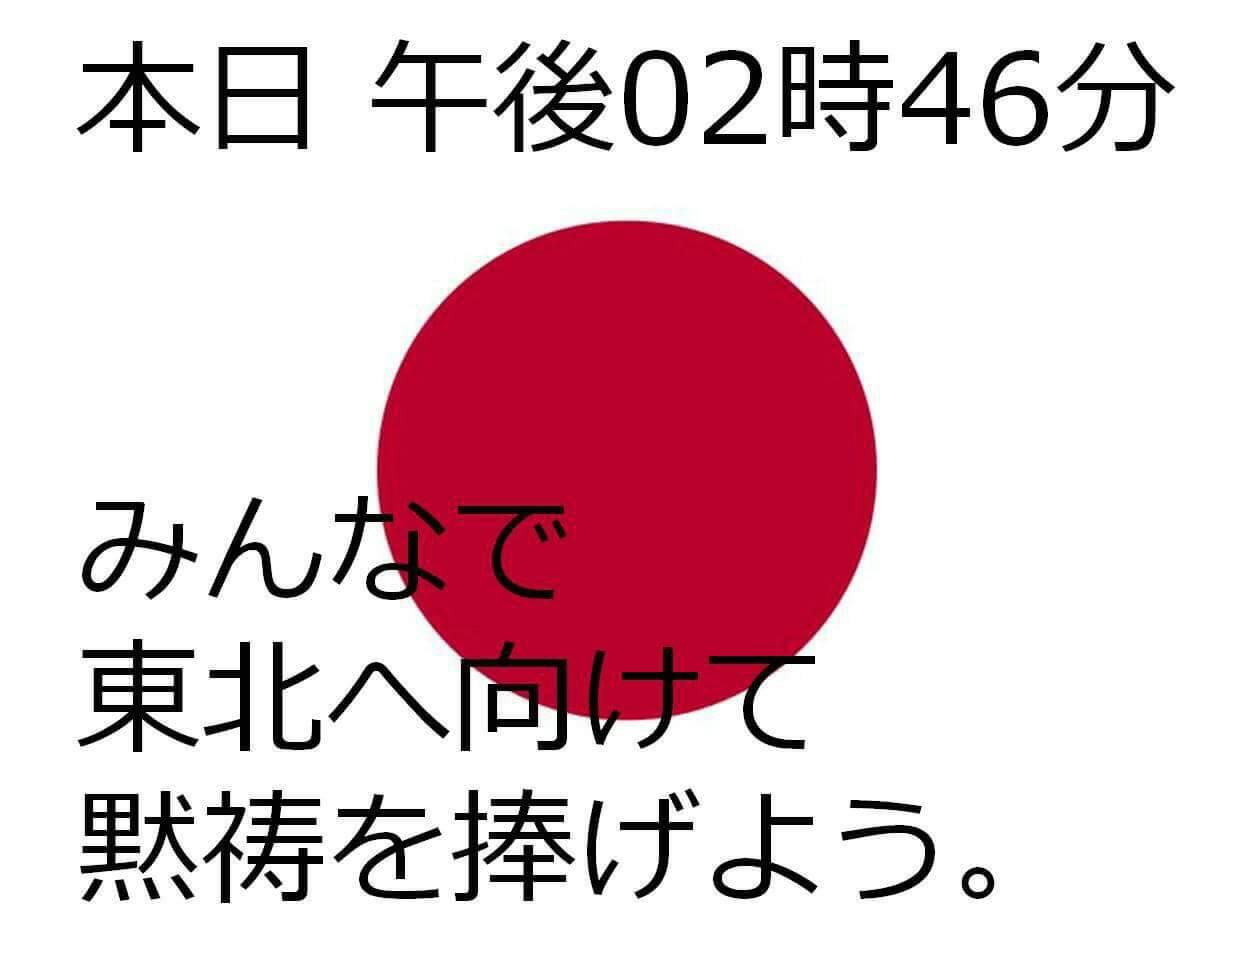 20170311105633ffe.jpg